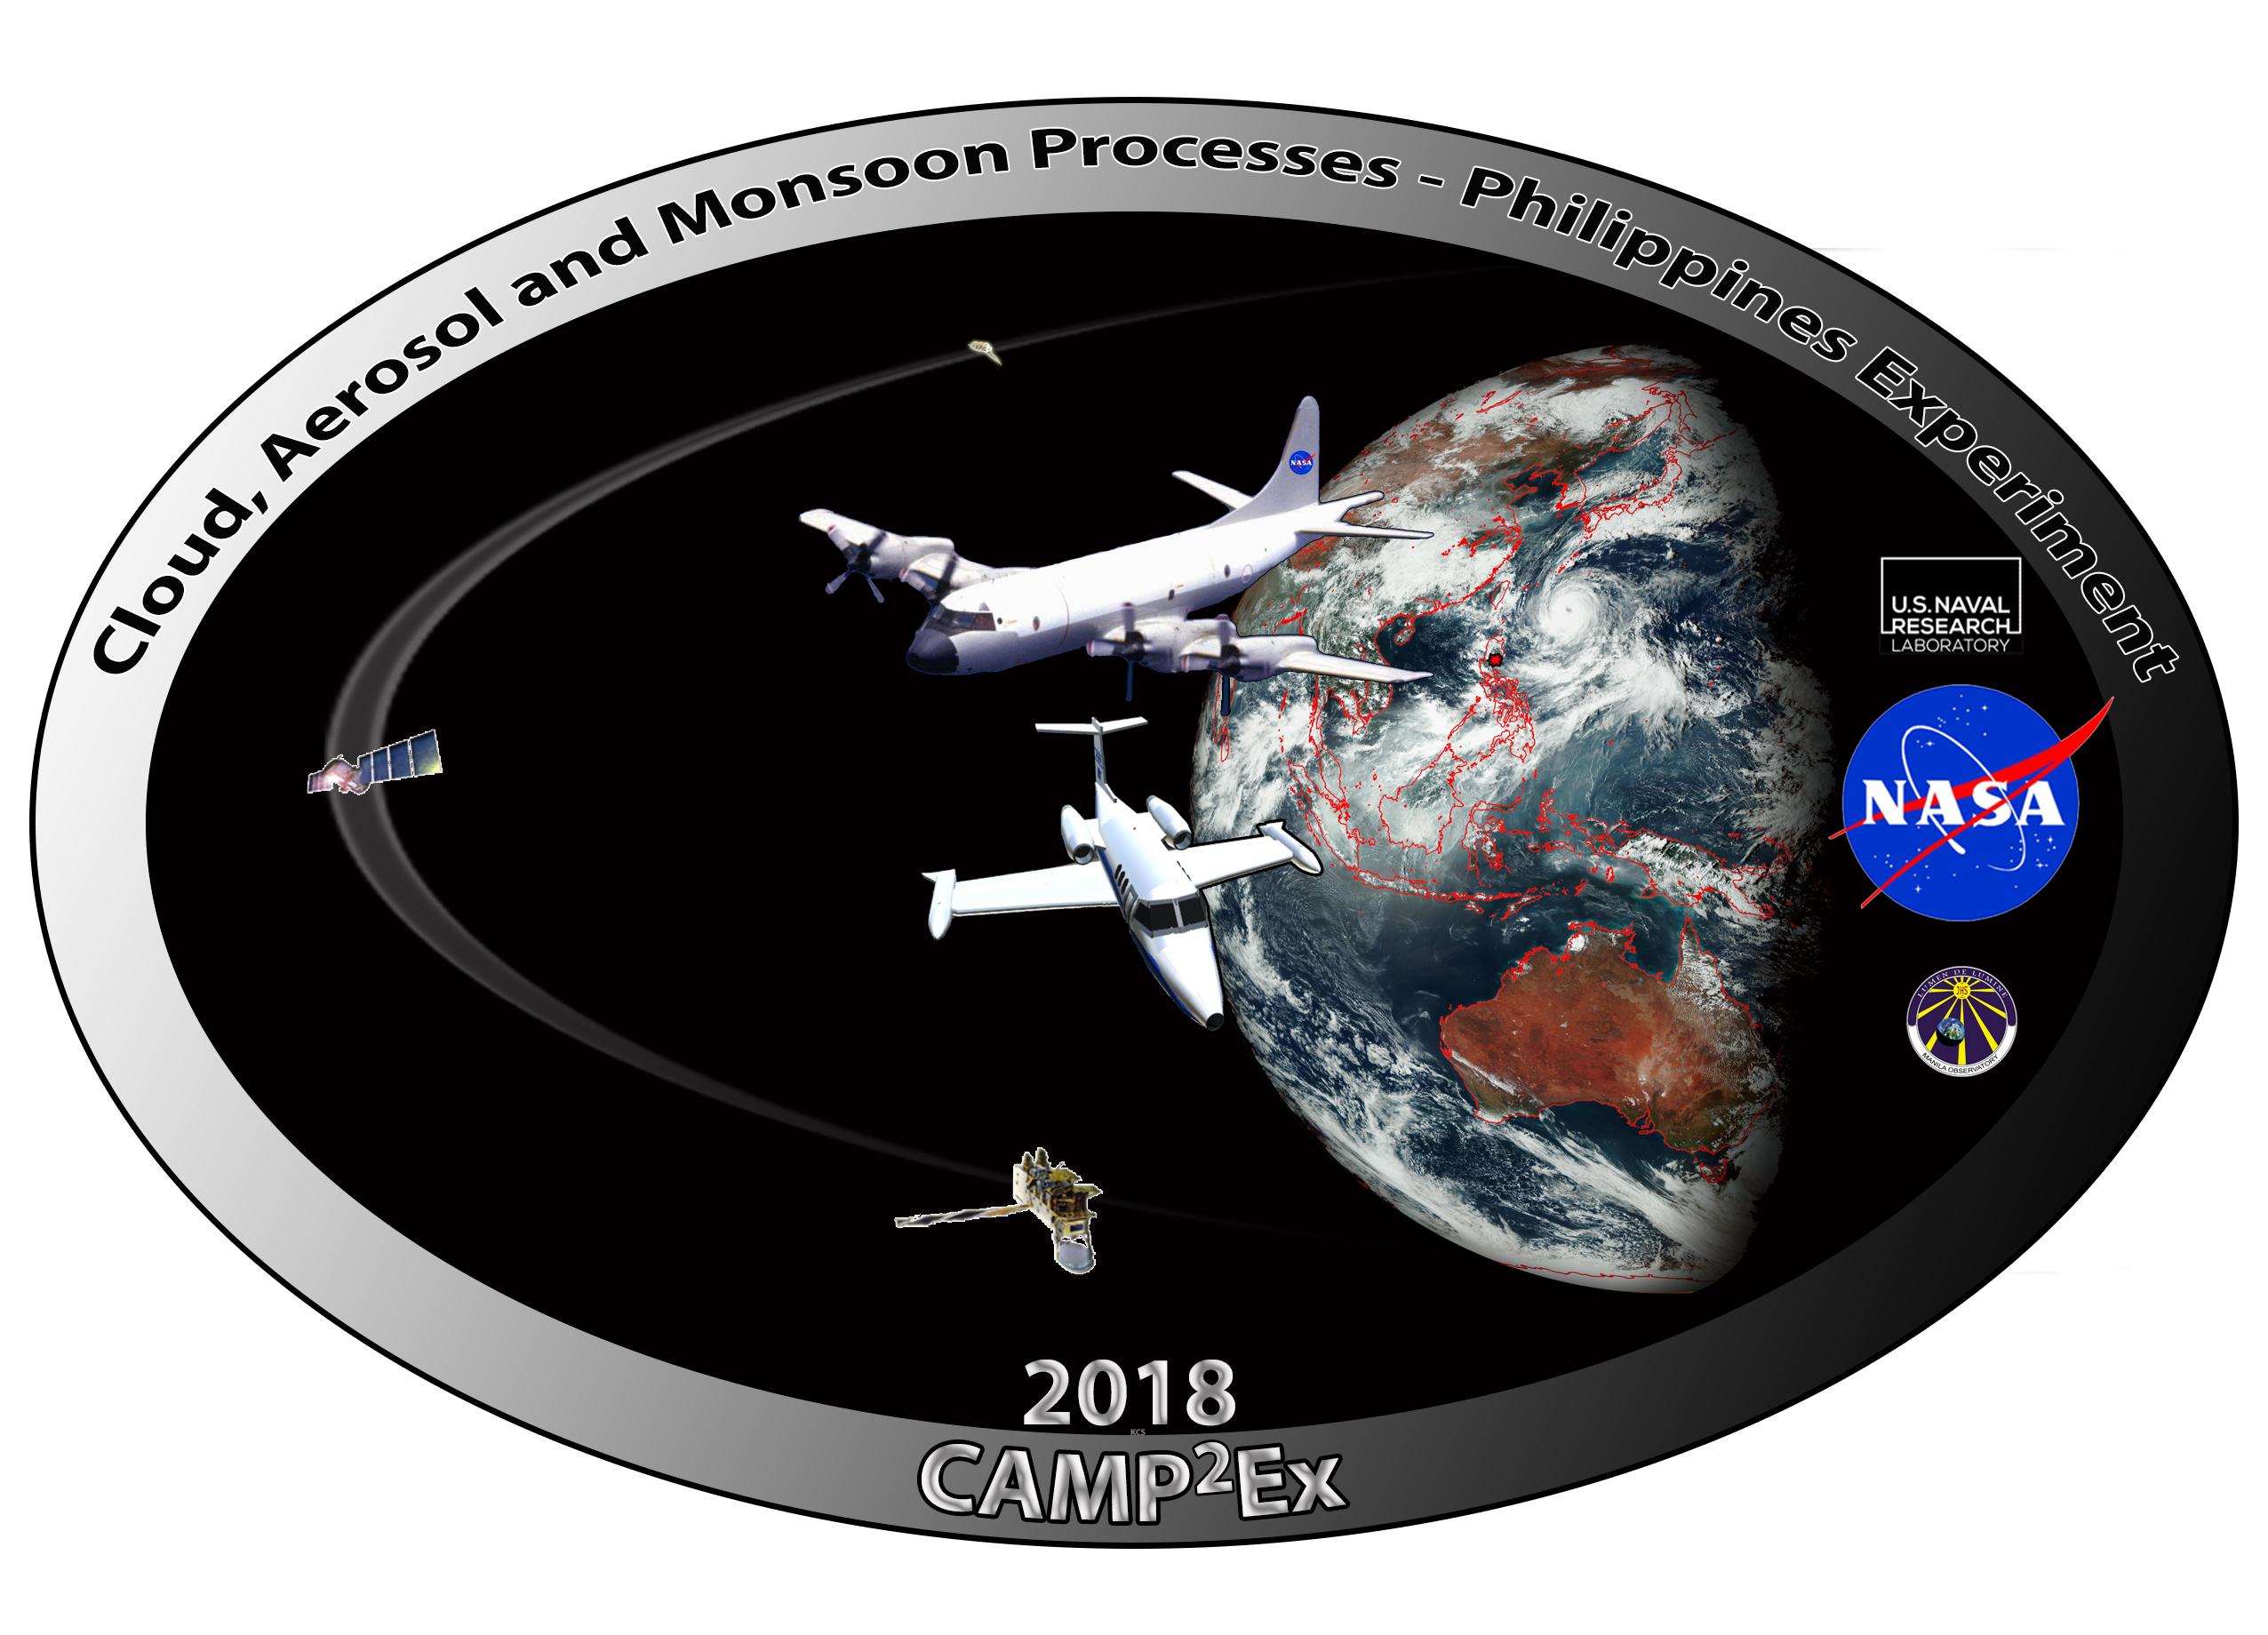 CAMP2EX